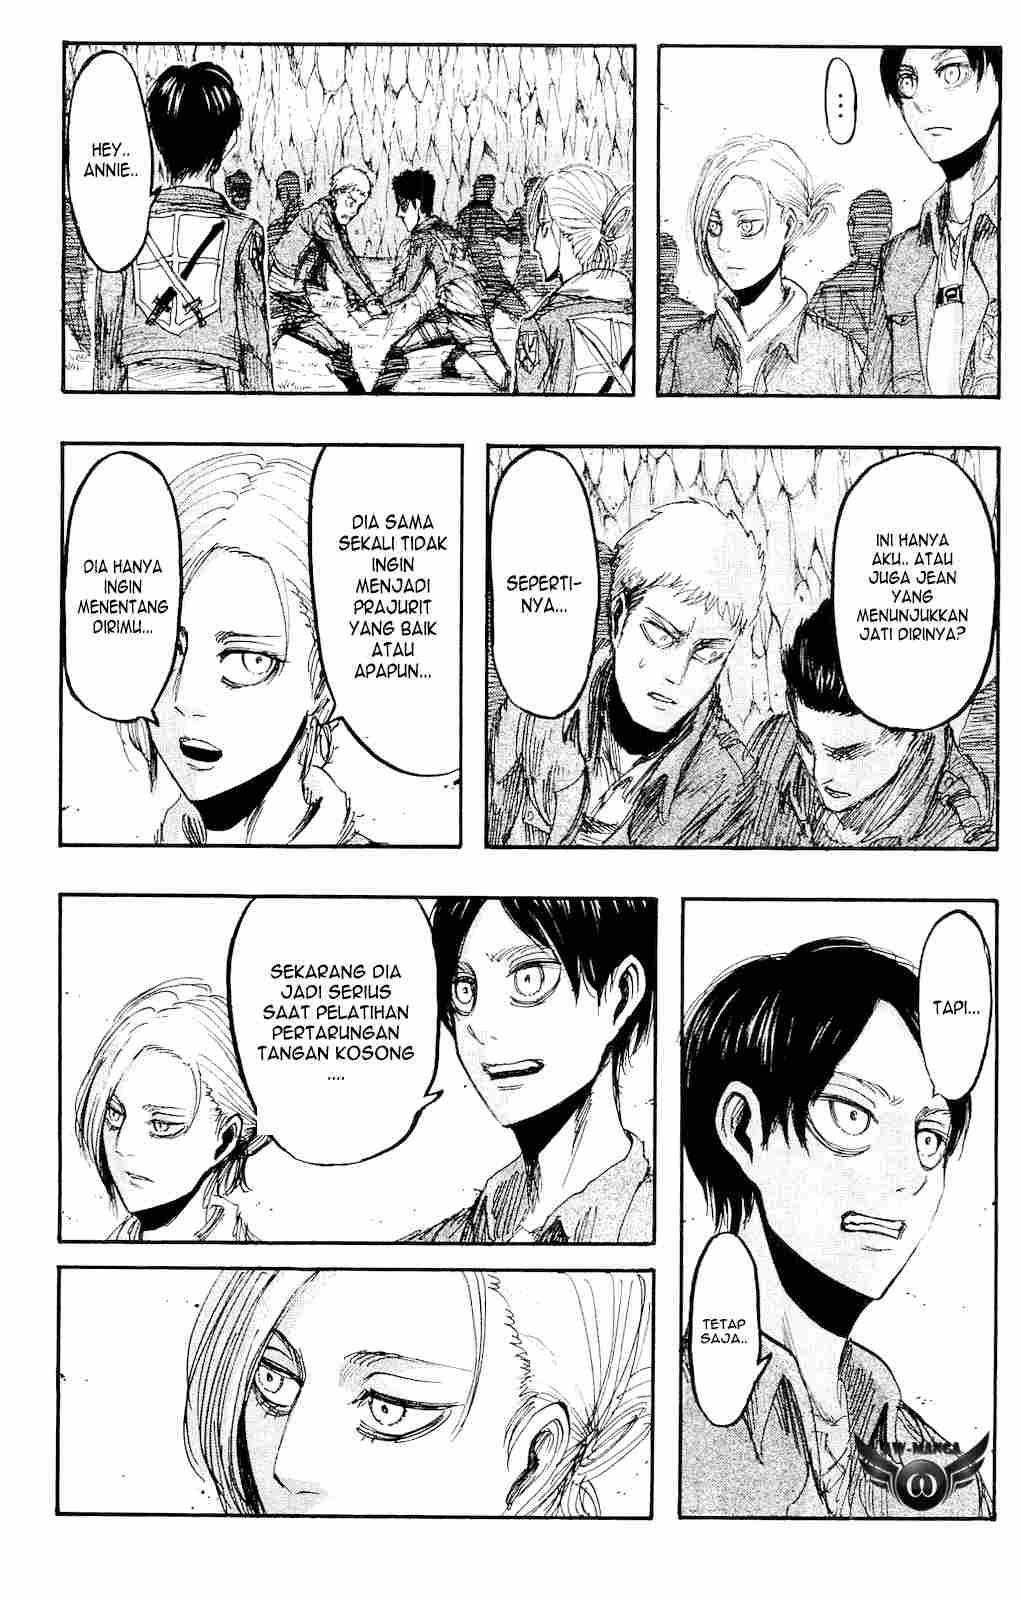 Komik shingeki no kyojin 017 - ilusi dari kekuatan 18 Indonesia shingeki no kyojin 017 - ilusi dari kekuatan Terbaru 33|Baca Manga Komik Indonesia|